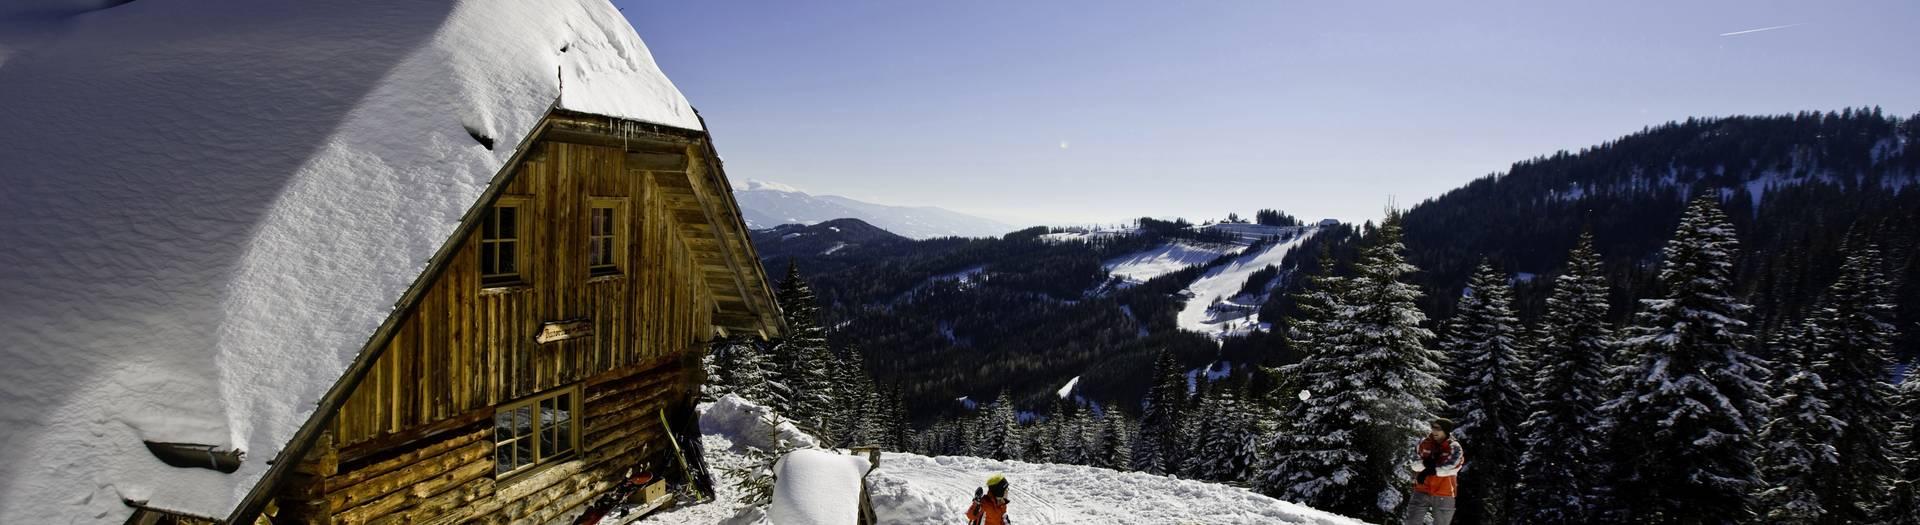 Schneeballschlacht bei der Hütte